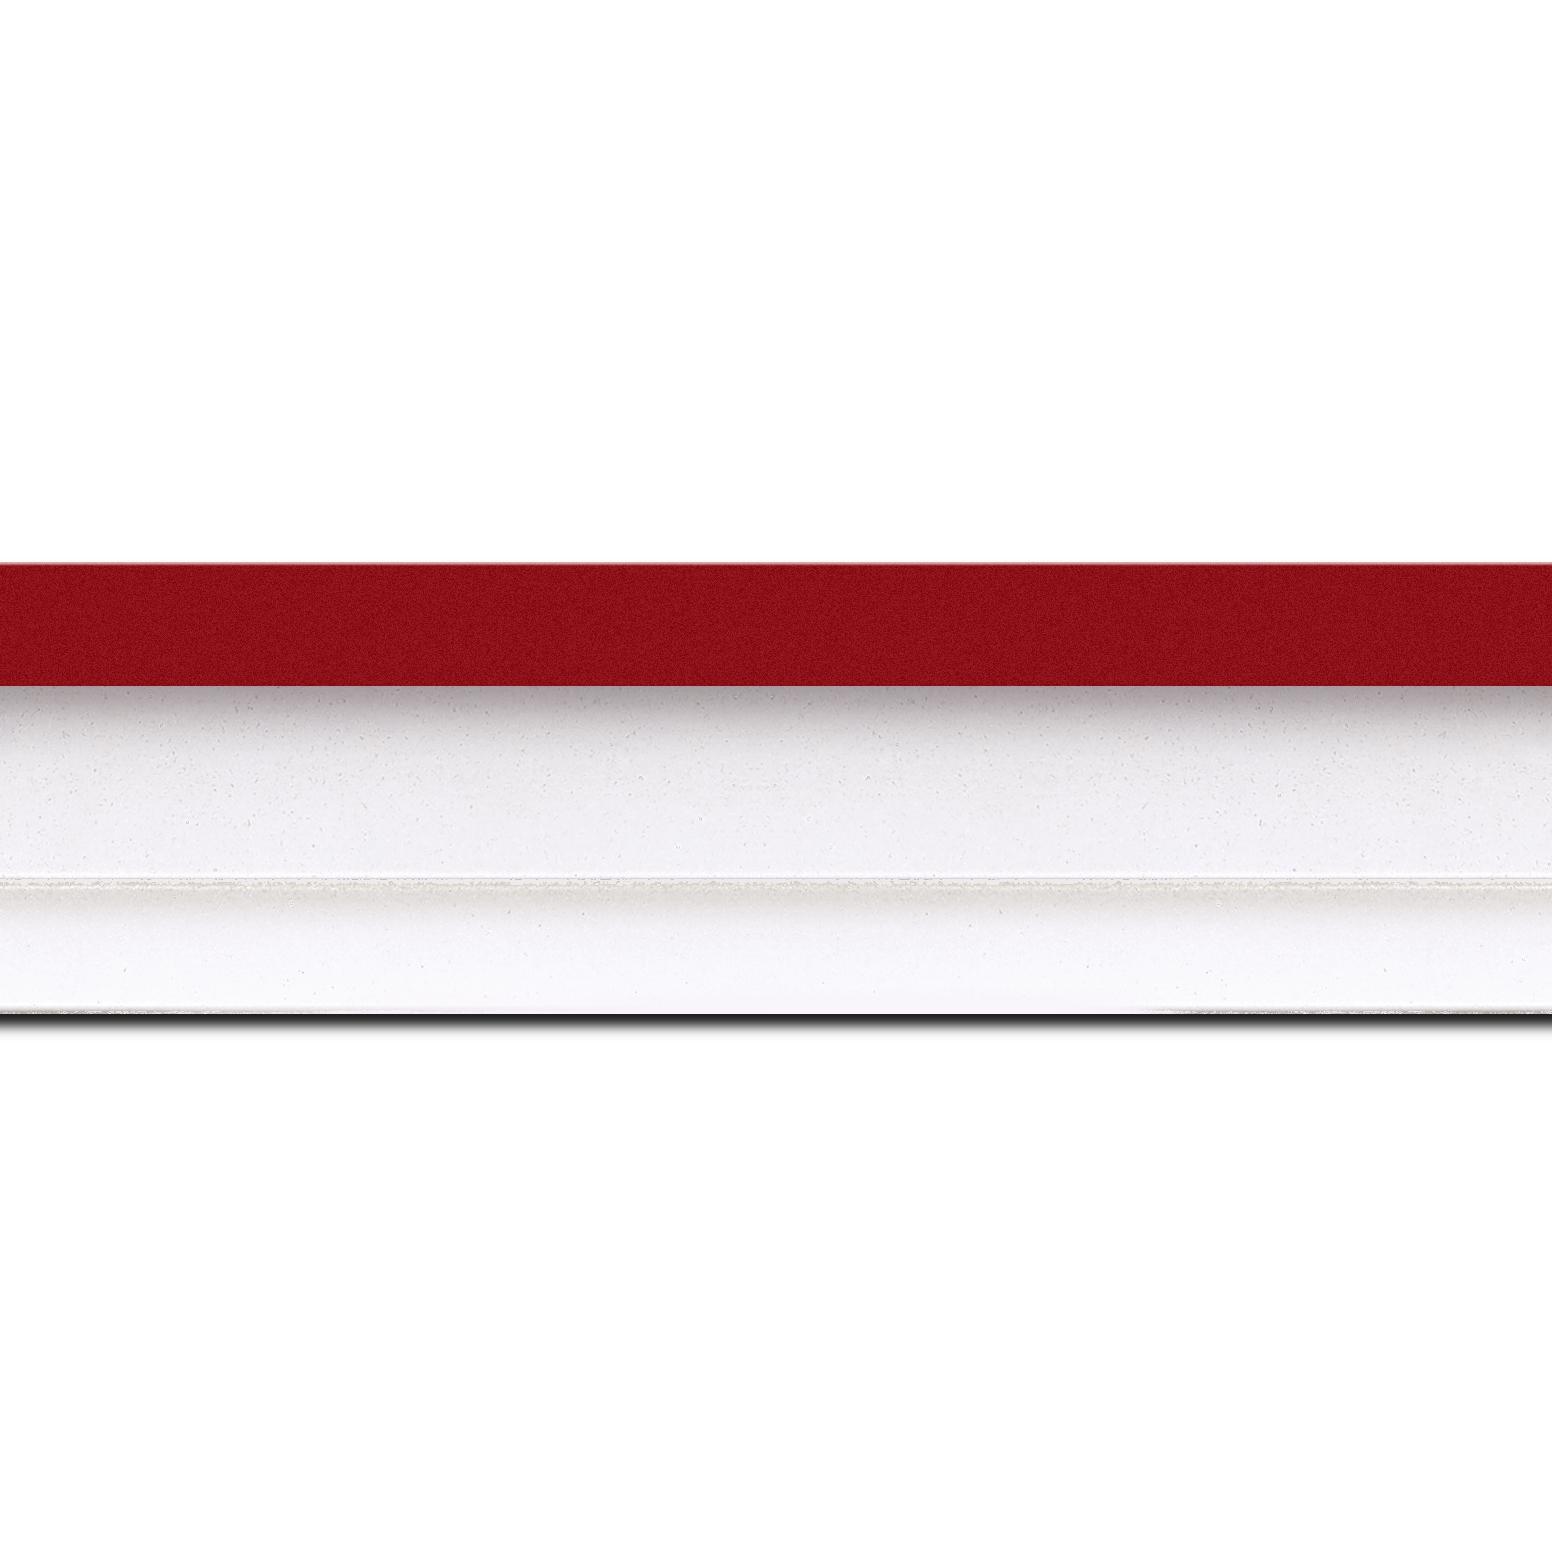 Pack par 12m, bois caisse américaine profil escalier largeur 4.5cm blanc mat filet rouge (spécialement conçu pour les châssis d'une épaisseur jusqu'à 2.5cm )(longueur baguette pouvant varier entre 2.40m et 3m selon arrivage des bois)